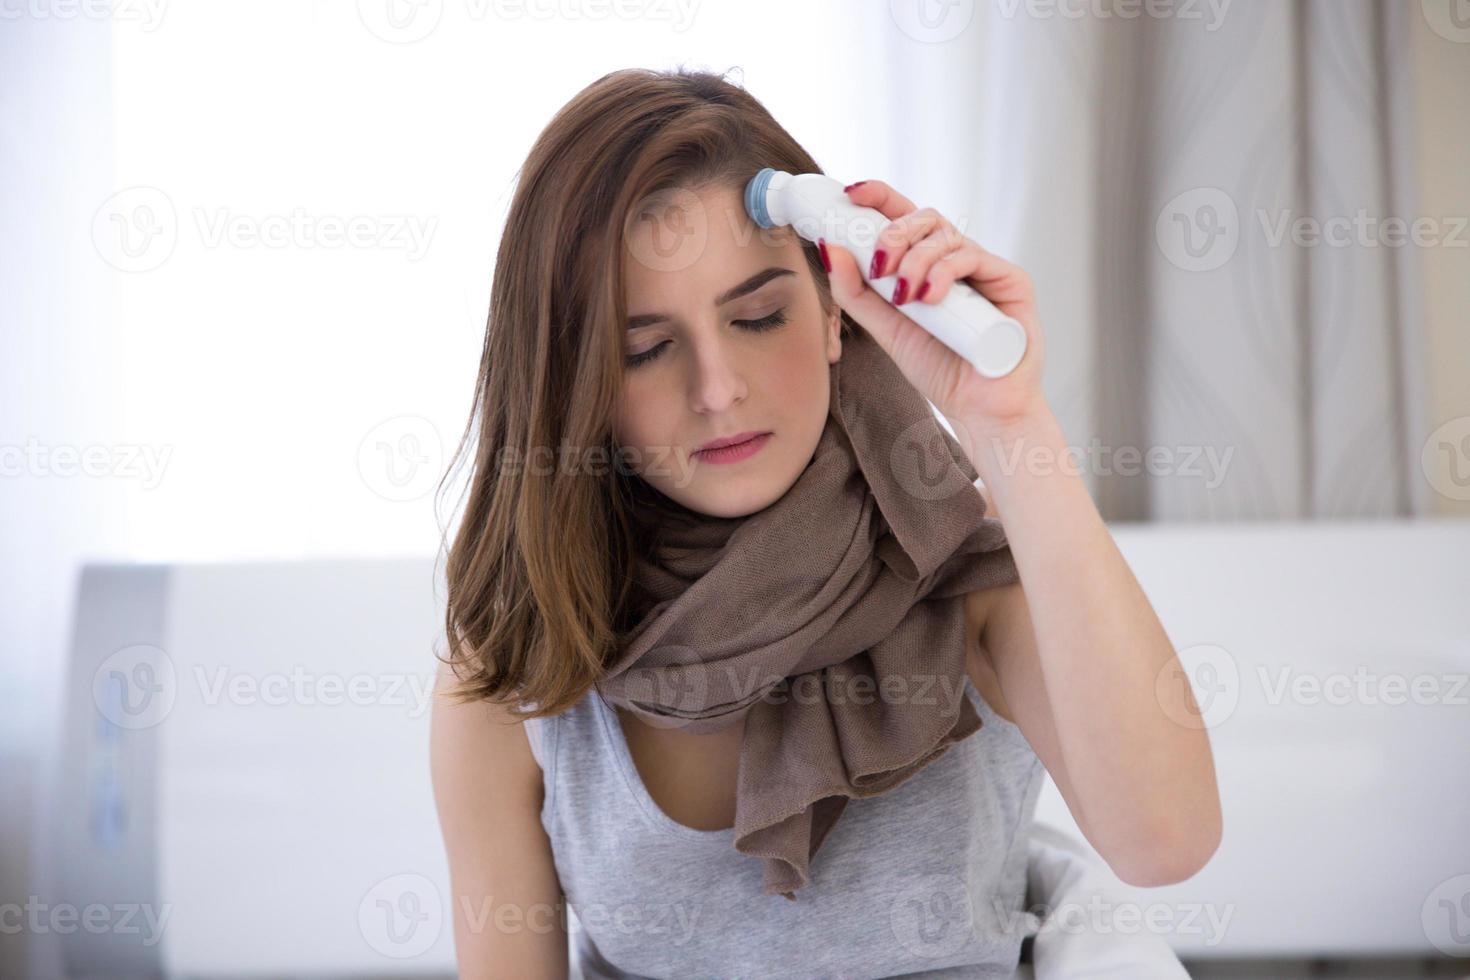 temperatura de medición de la mujer foto